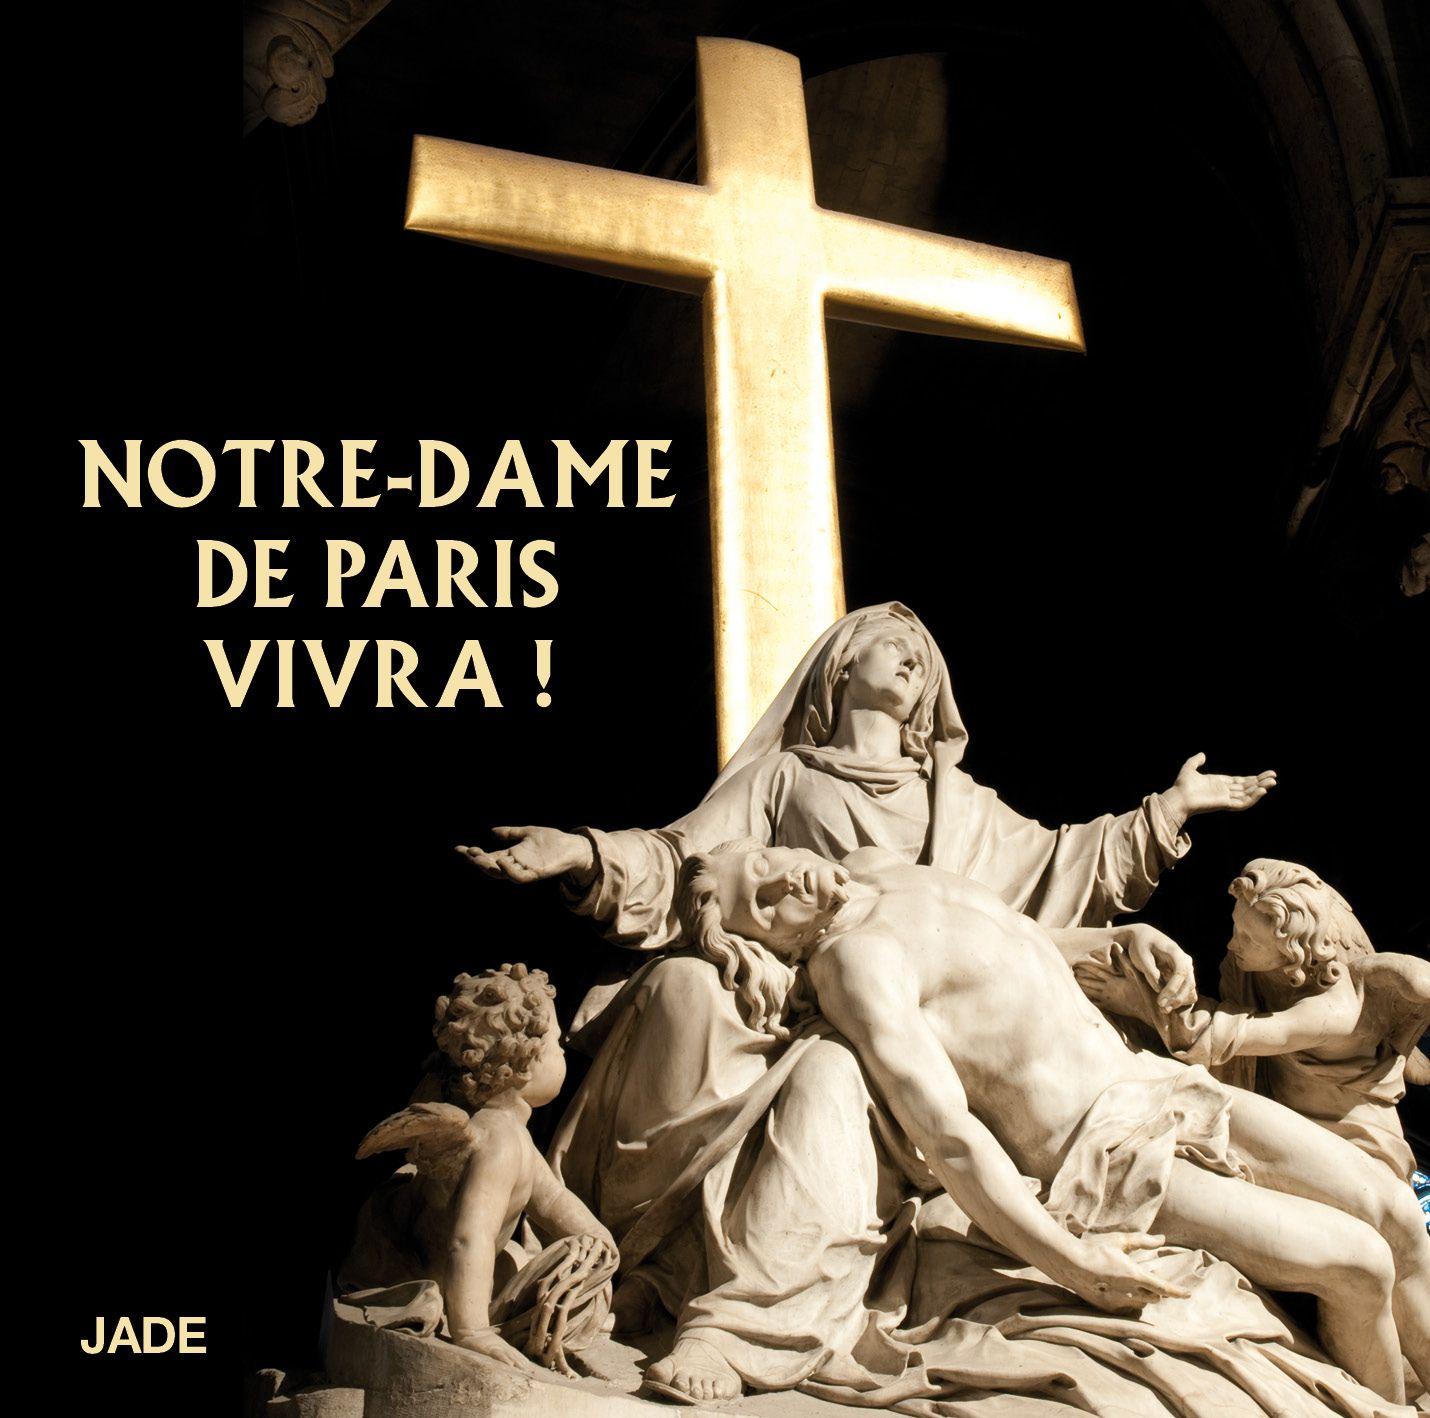 Les bénéfices de la vente du CD, sorti en mai 2019, seront reversés à l'œuvre des Chantiers du Cardinal.